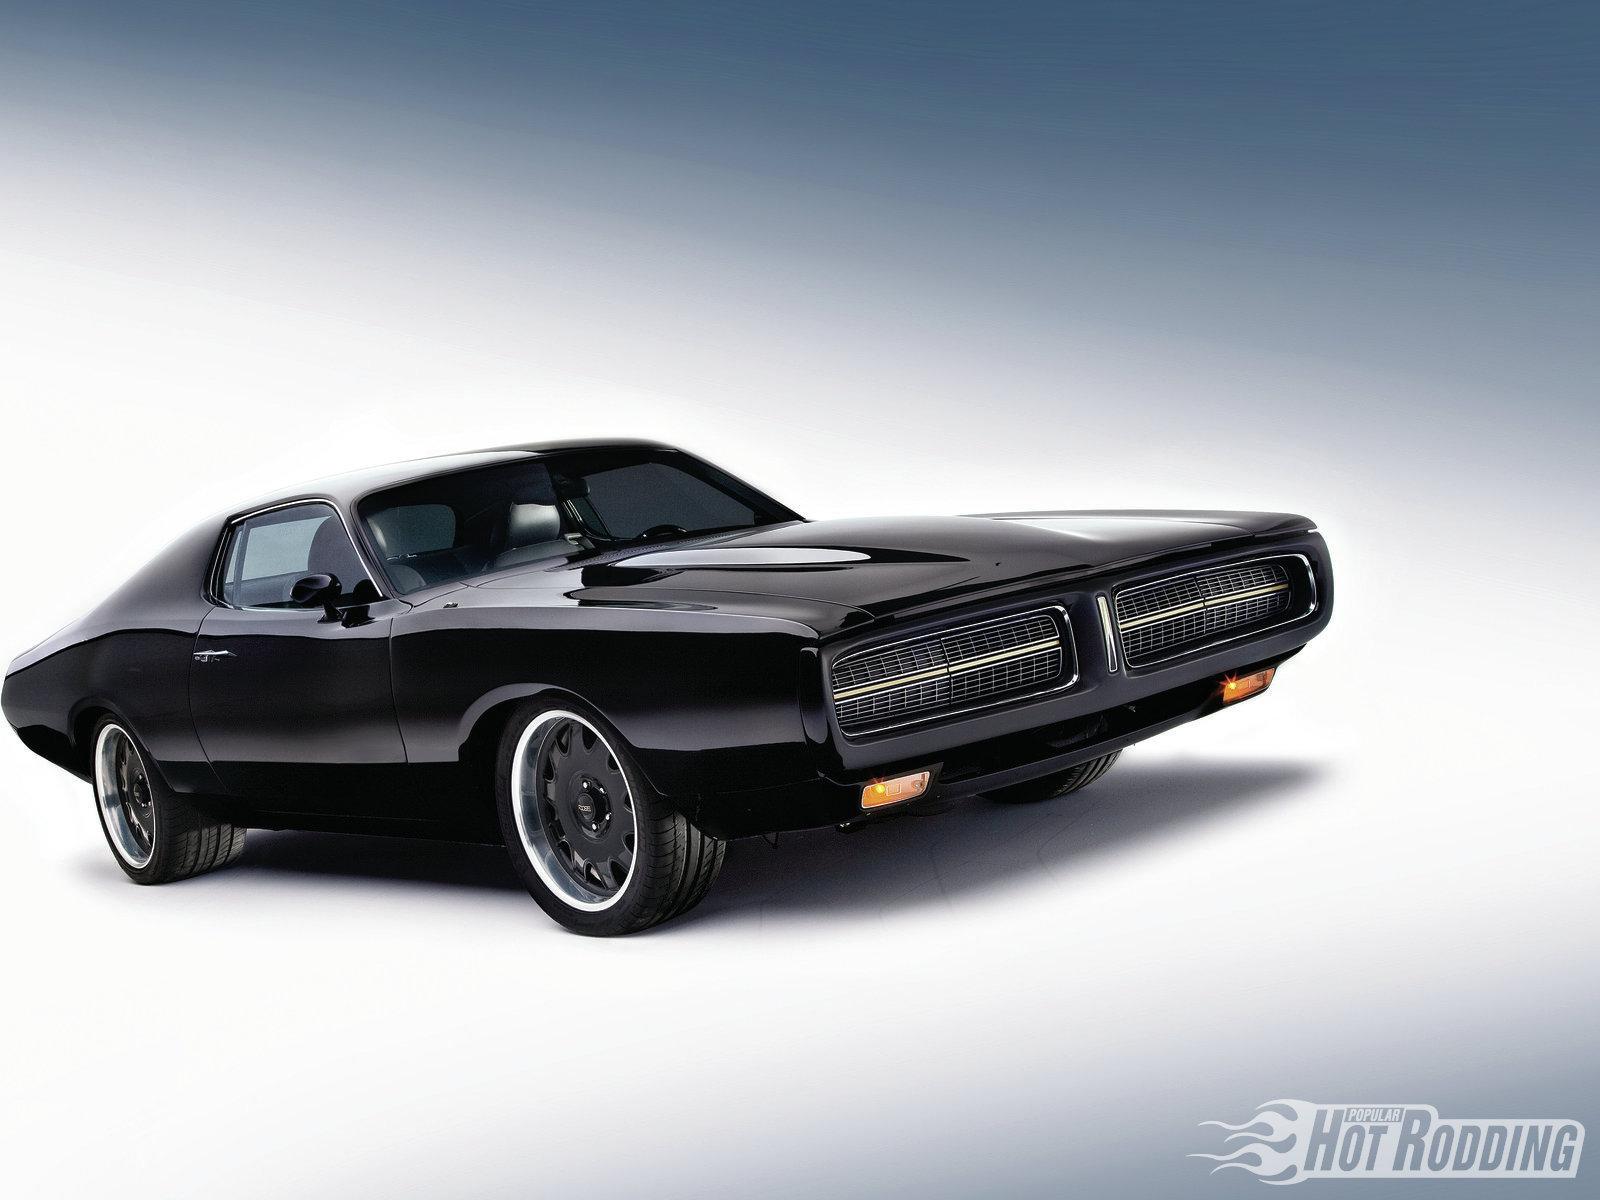 1971 dodge challenger 426 hemi muscle cars hot rods 3 wallpaper 1600x1200 41422 wallpaperup